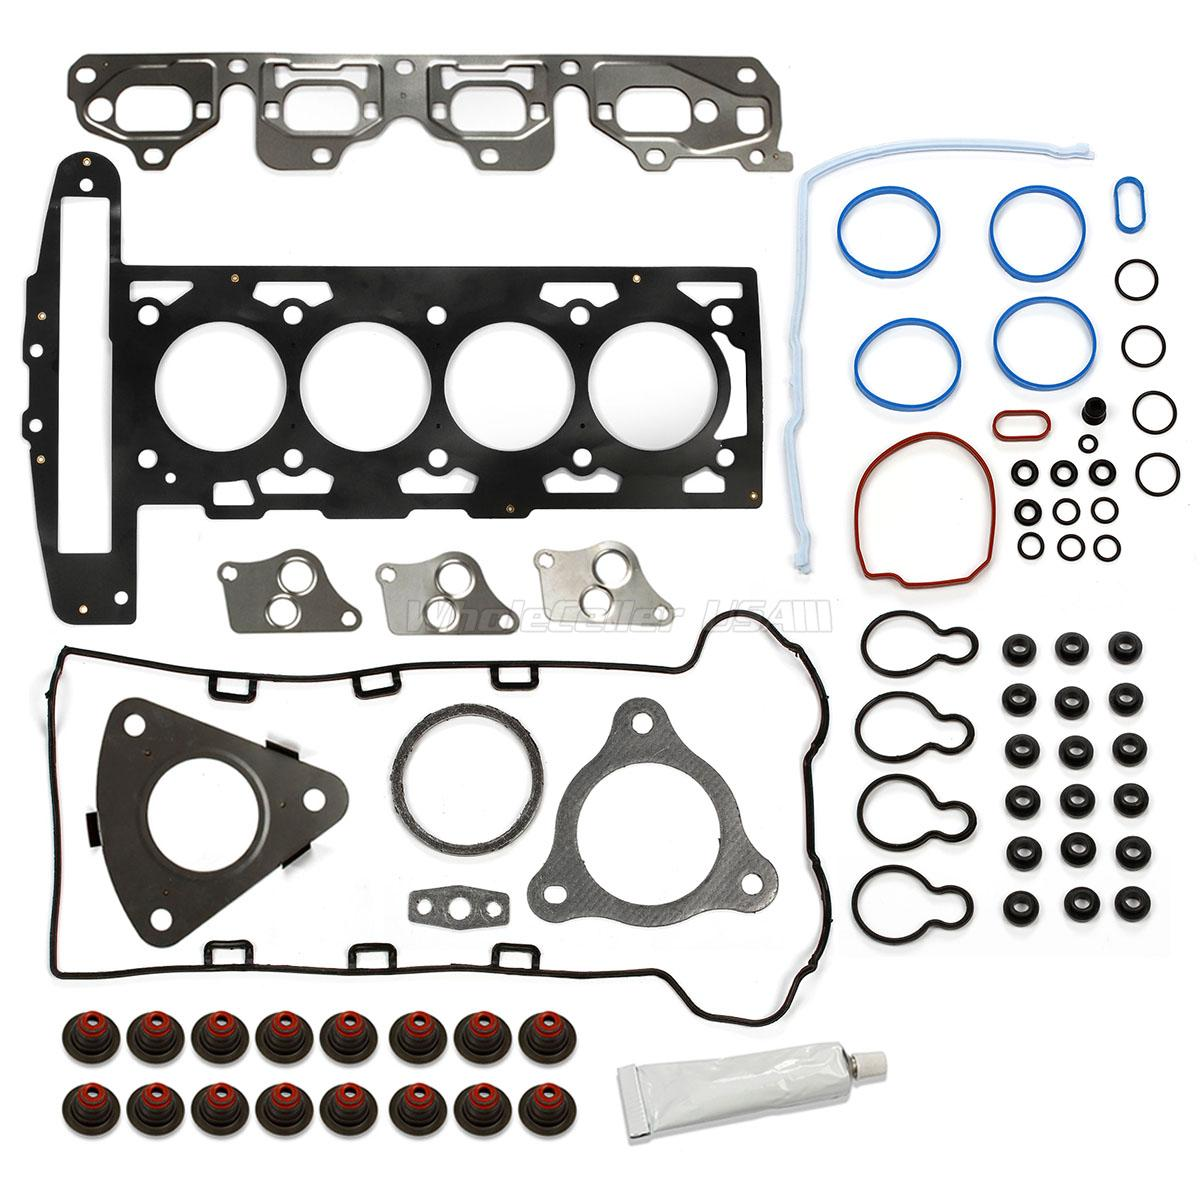 For 02 06 Gmc Chevrolet Saturn 2 2l Cylinder Head Gasket Kit